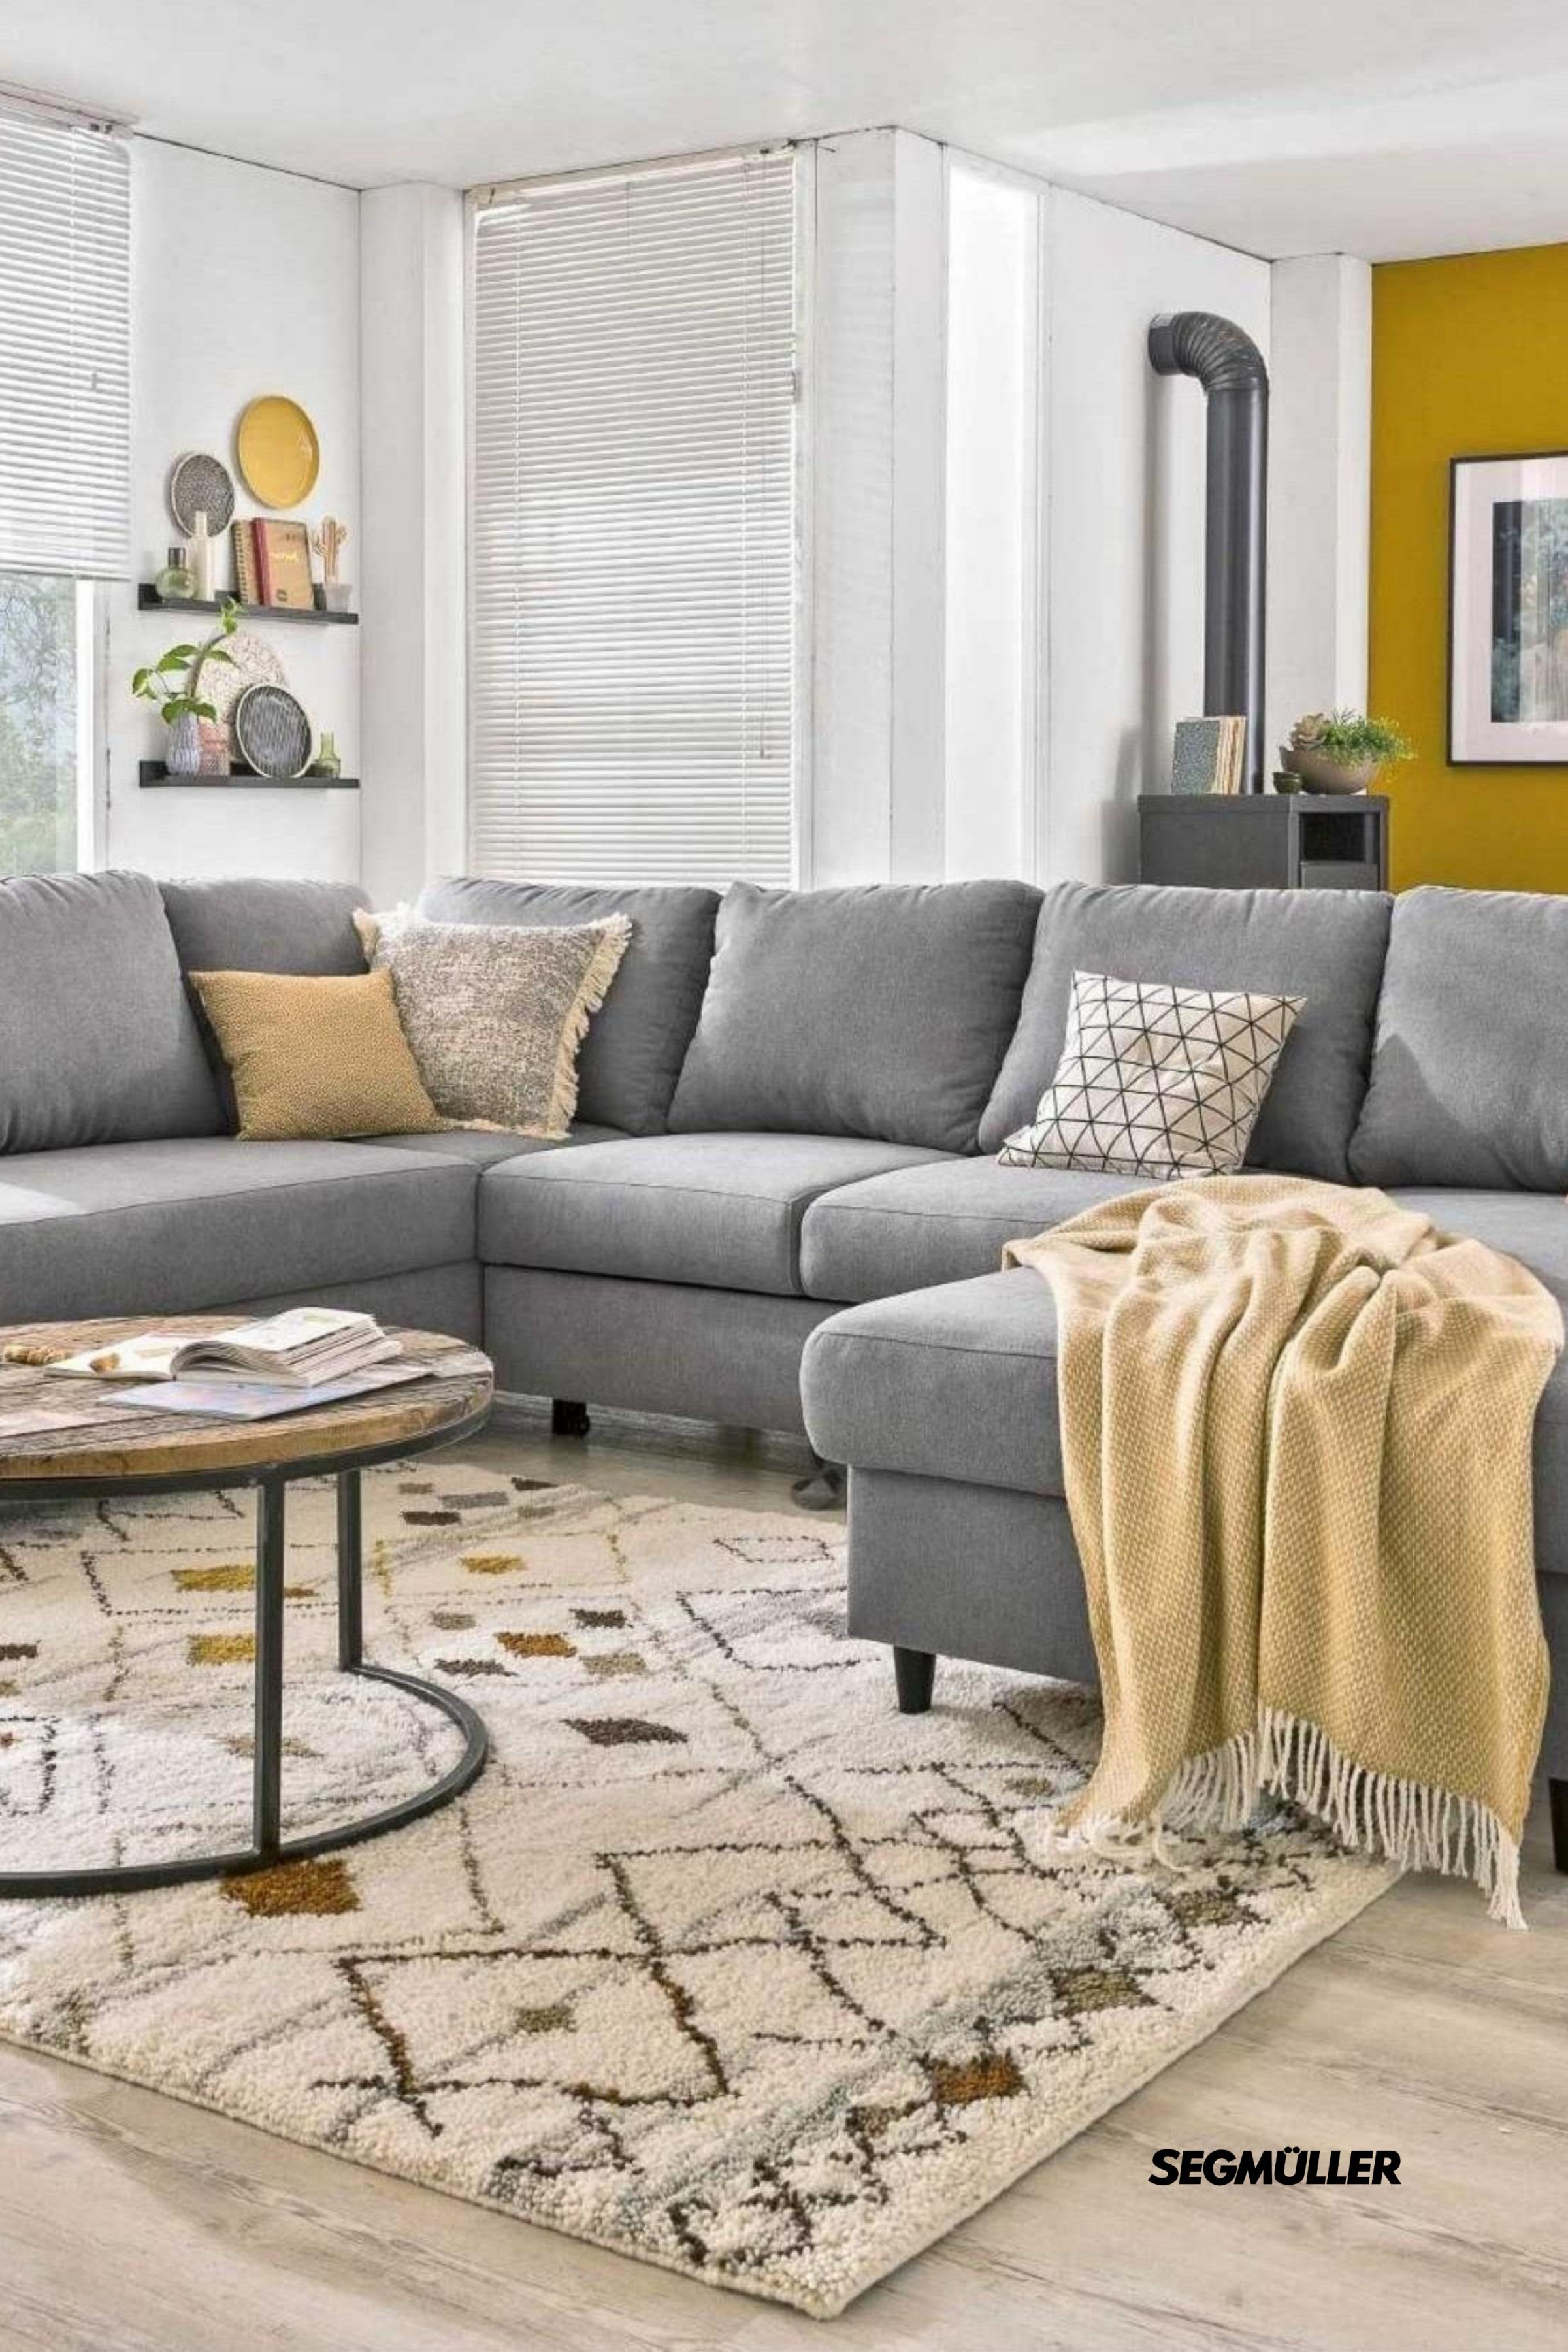 Wohnzimmer Ideen  Wohnzimmer Inspiration  Viele Tipps Im von Wohnzimmer Mit Sessel Einrichten Bild